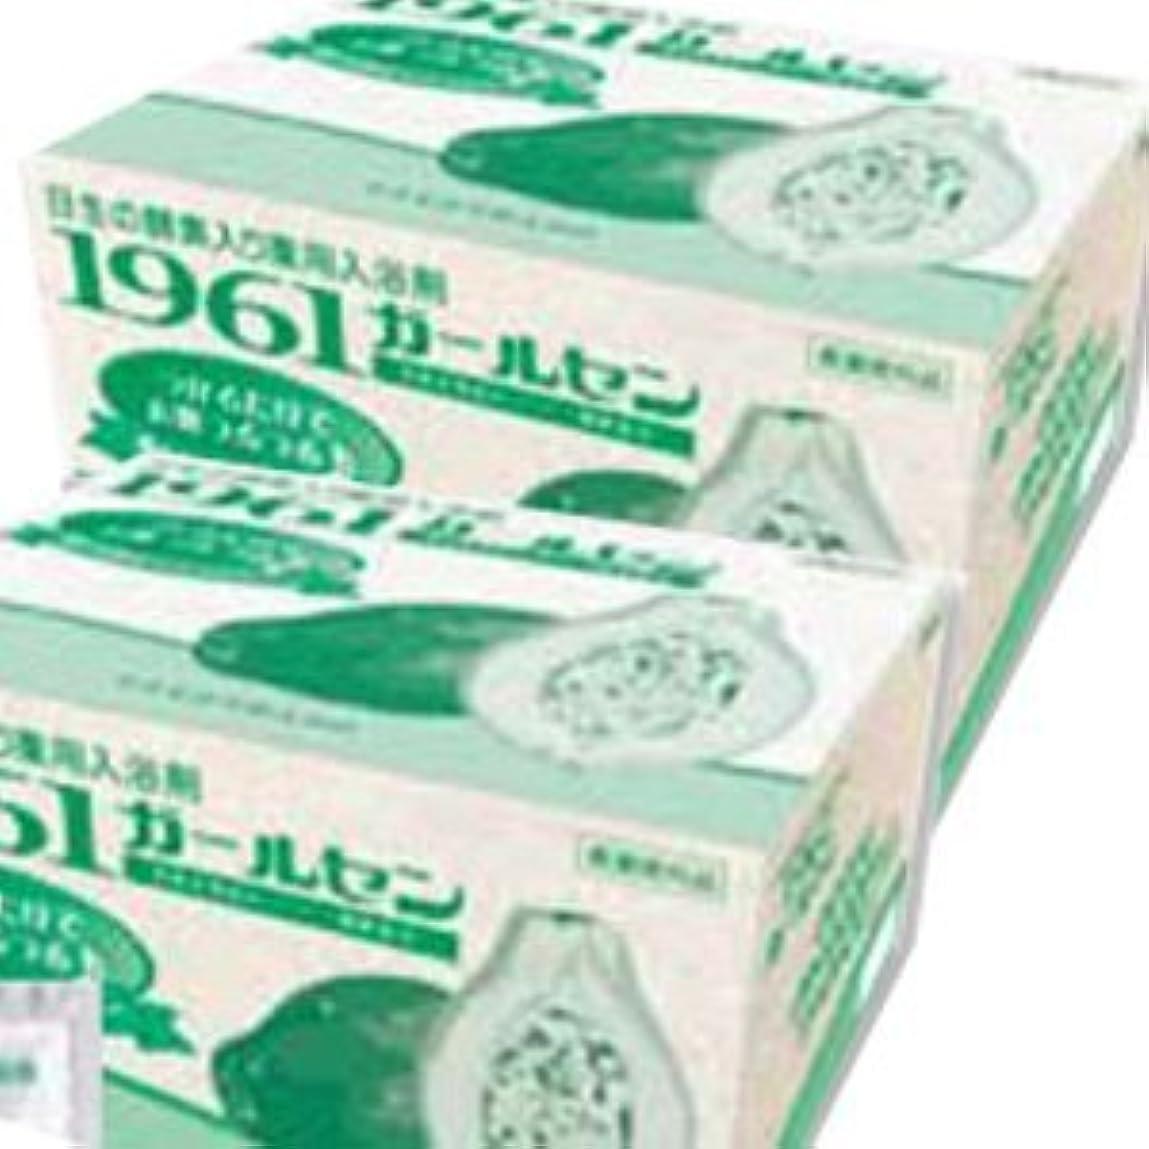 葬儀製品こんにちは日本生化学 薬用入浴剤 1961ガールセン (20g×60包)×2箱 (医薬部外品)